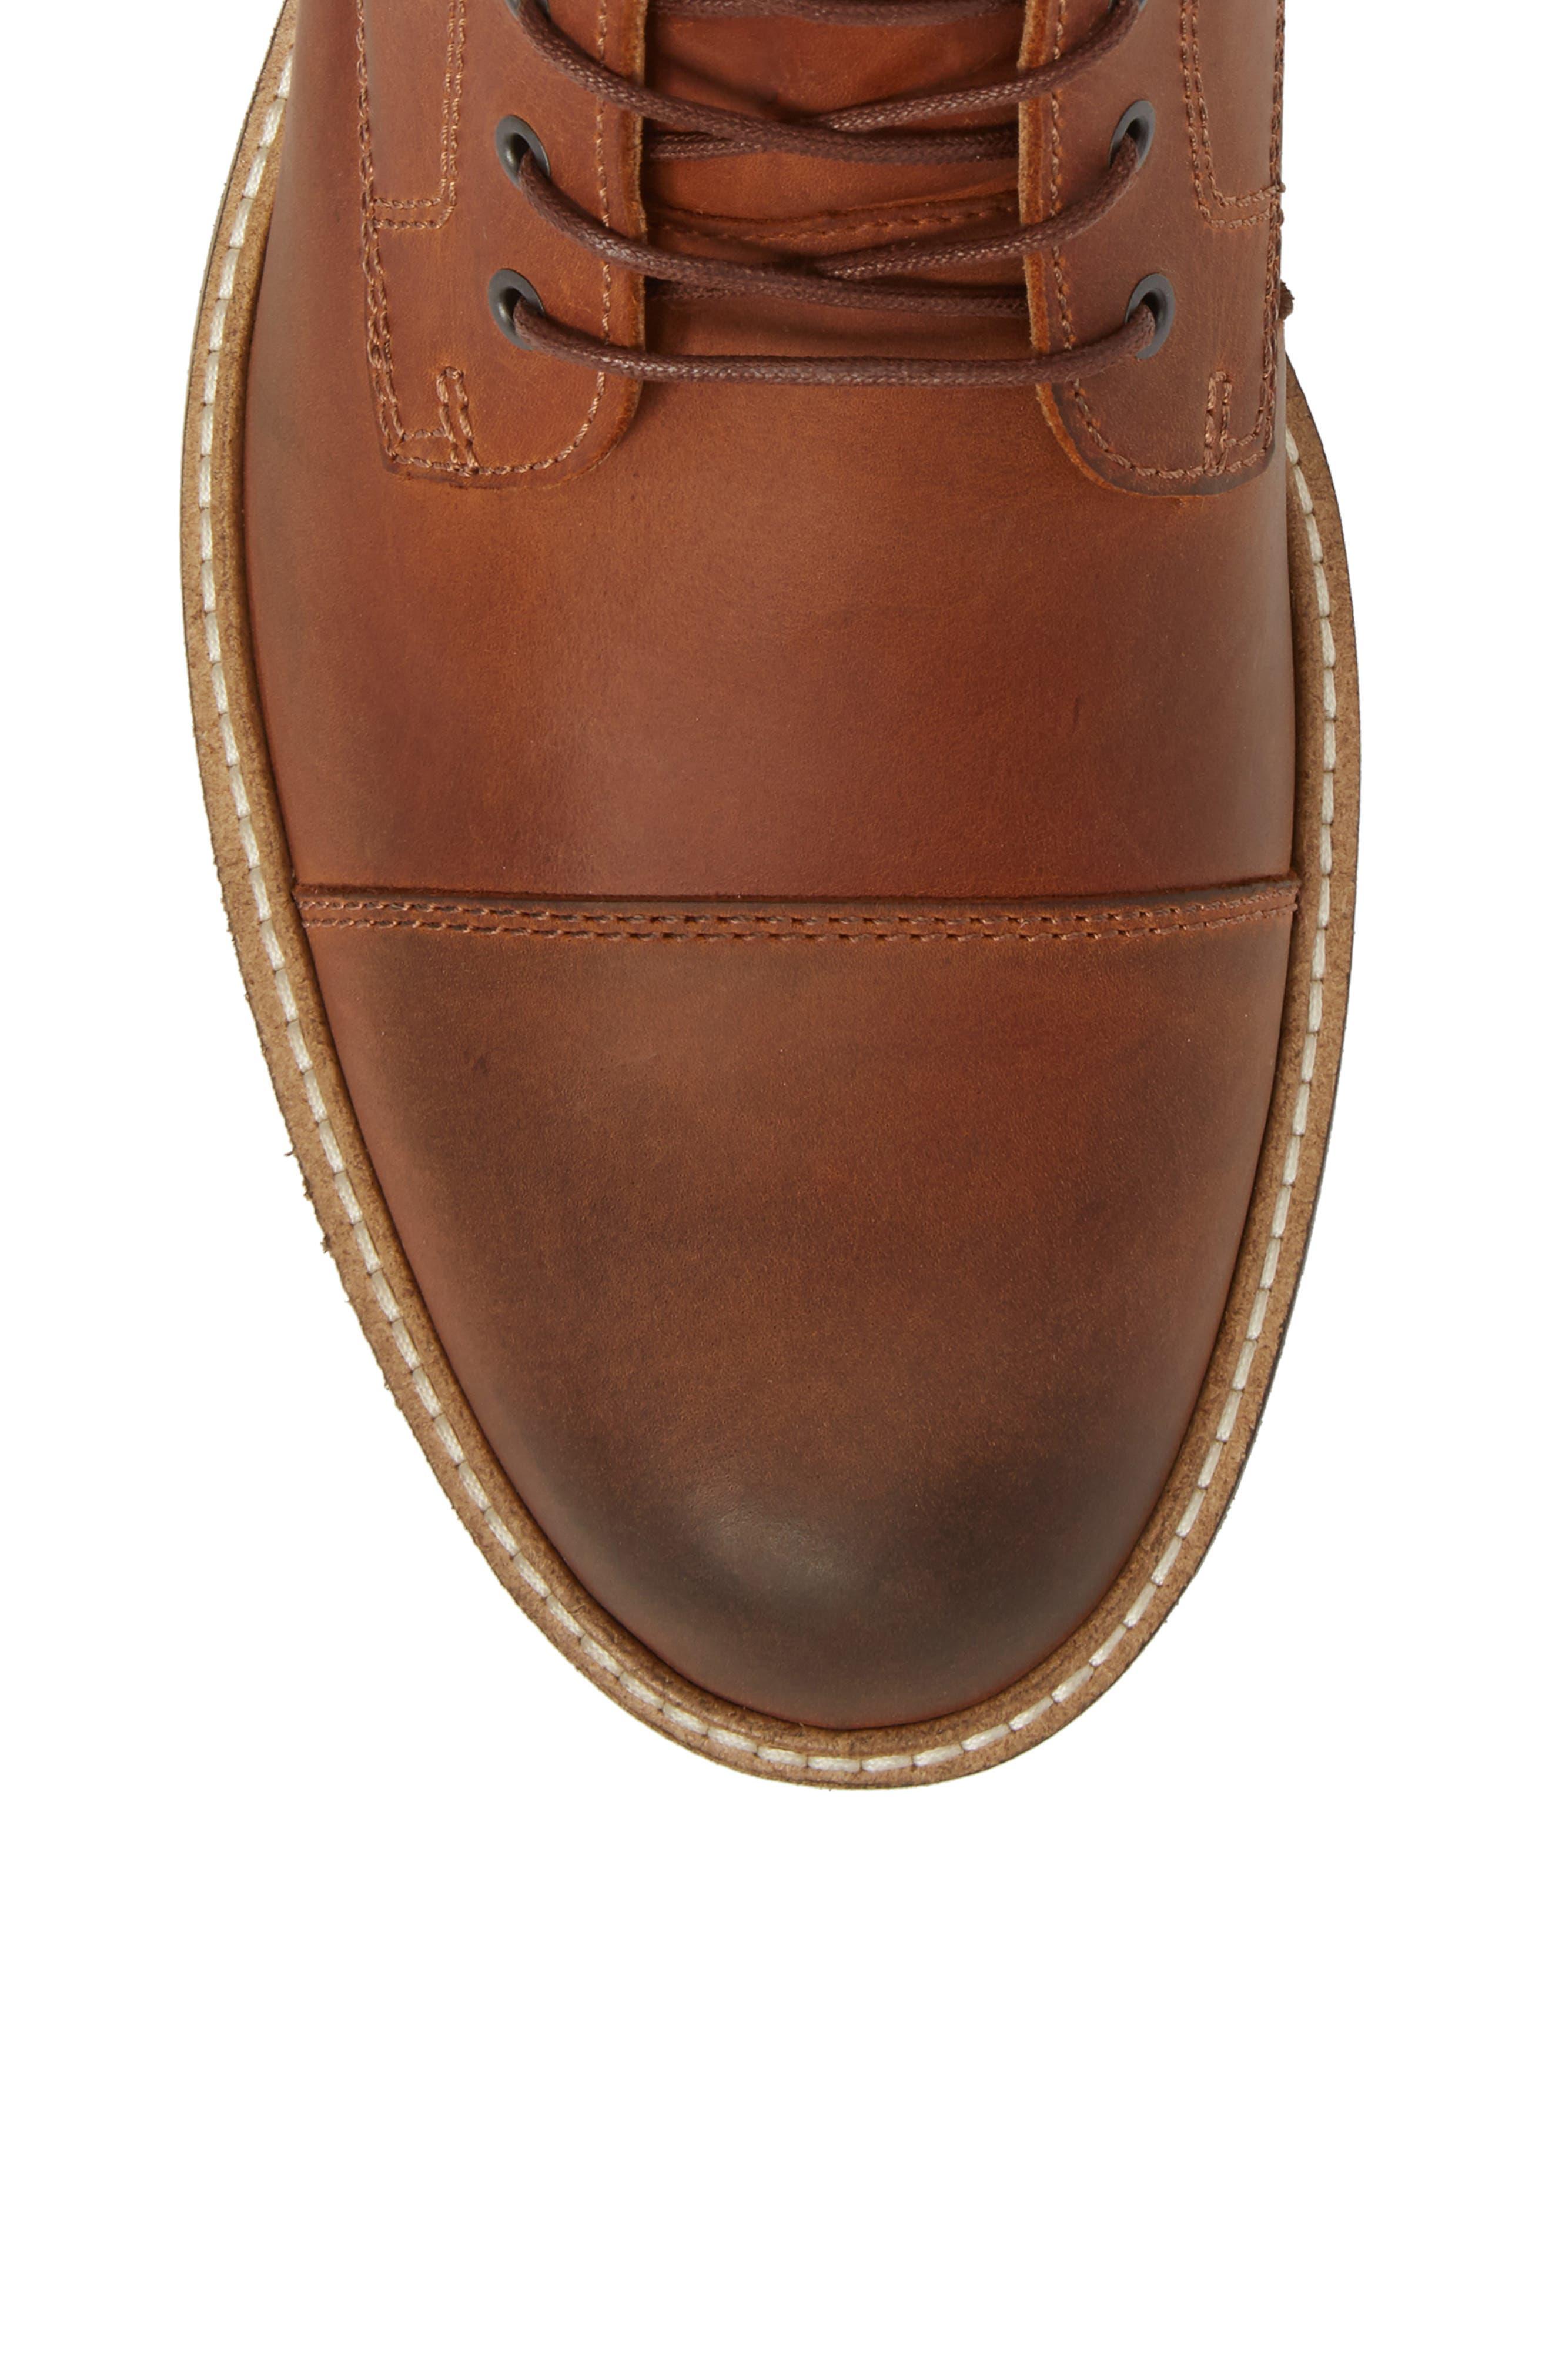 Kenton Vintage Cap Toe Boot,                             Alternate thumbnail 5, color,                             COGNAC LEATHER